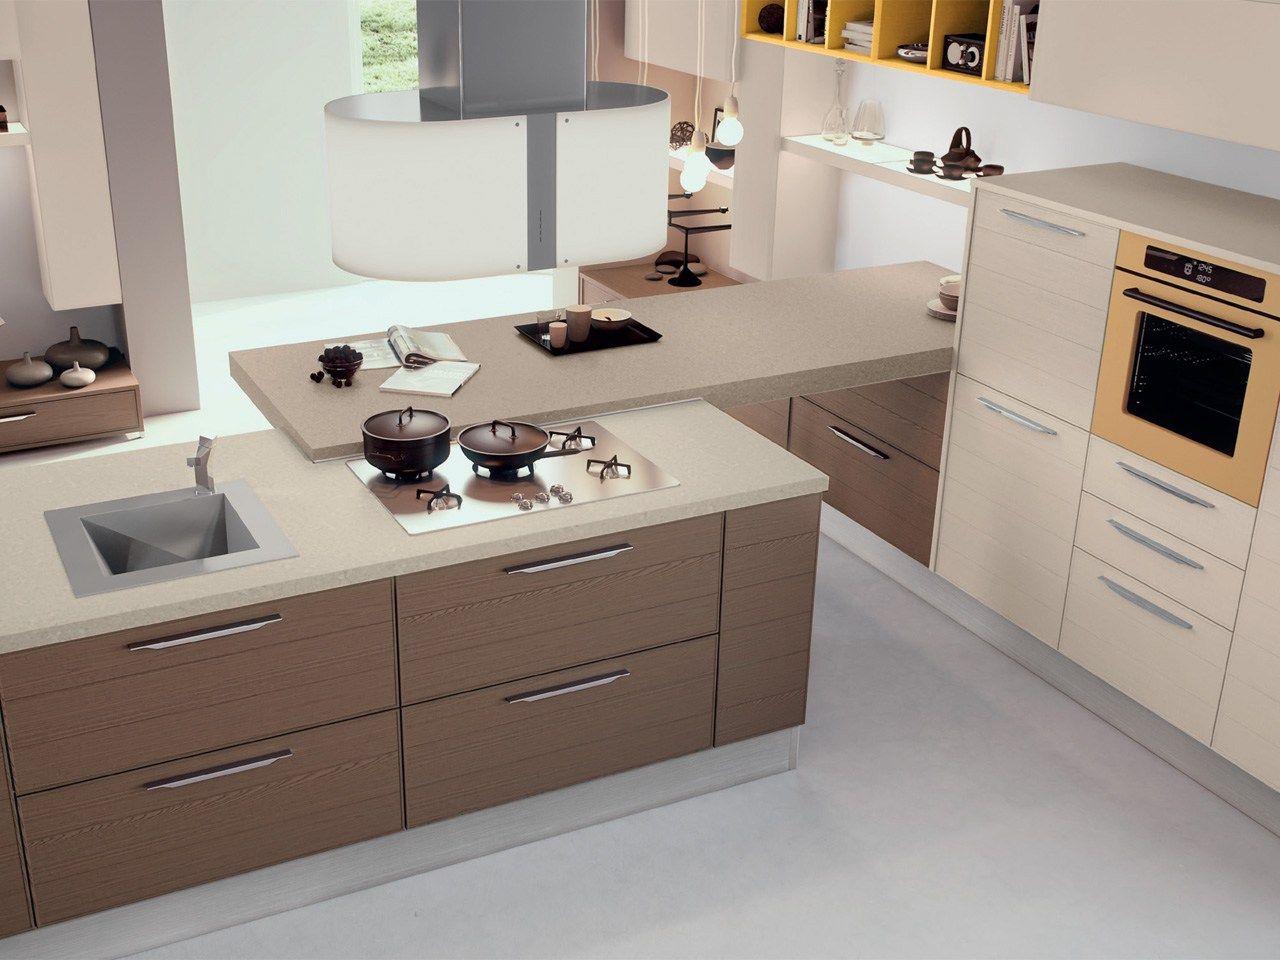 Adele project cucina in legno by cucine lube - Marche cucine italiane ...